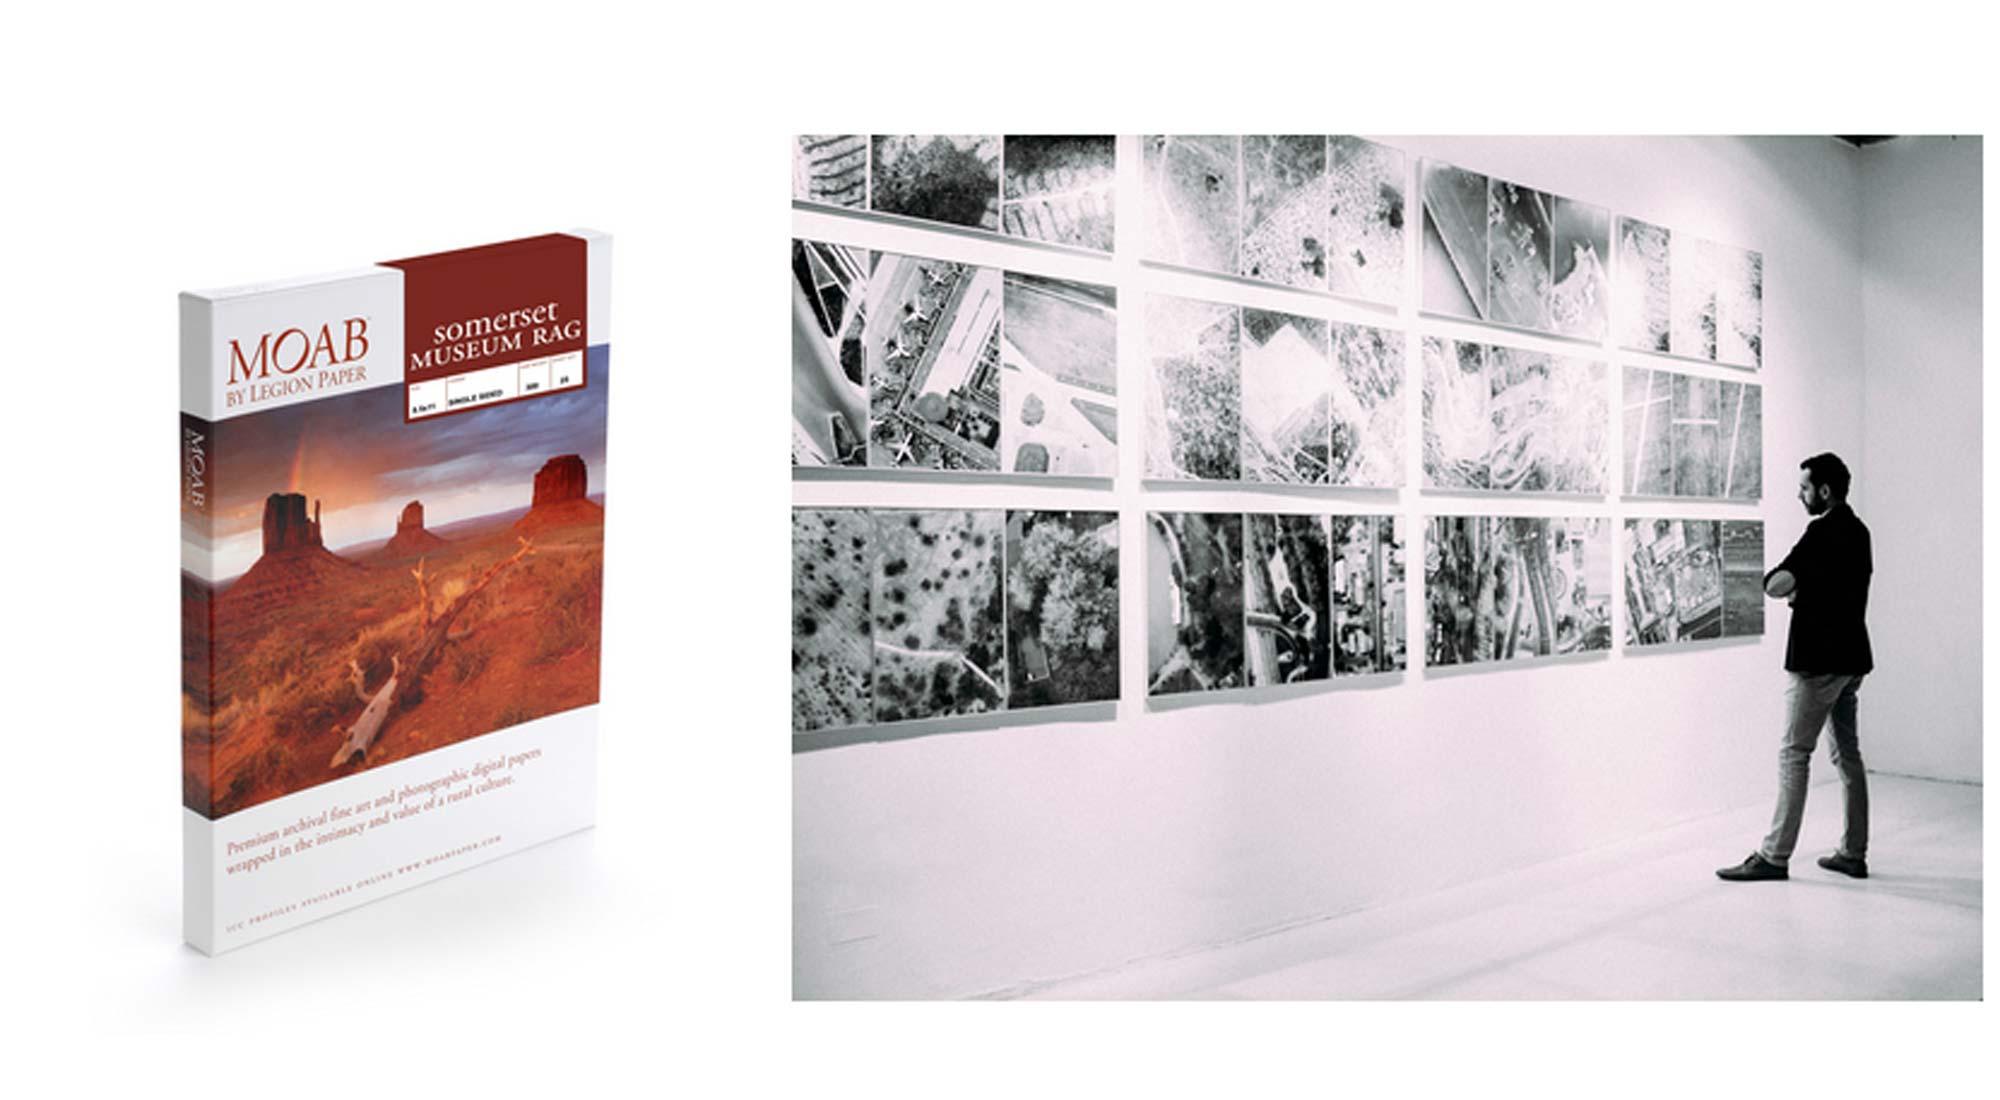 moab-druckerpapiere-fotos